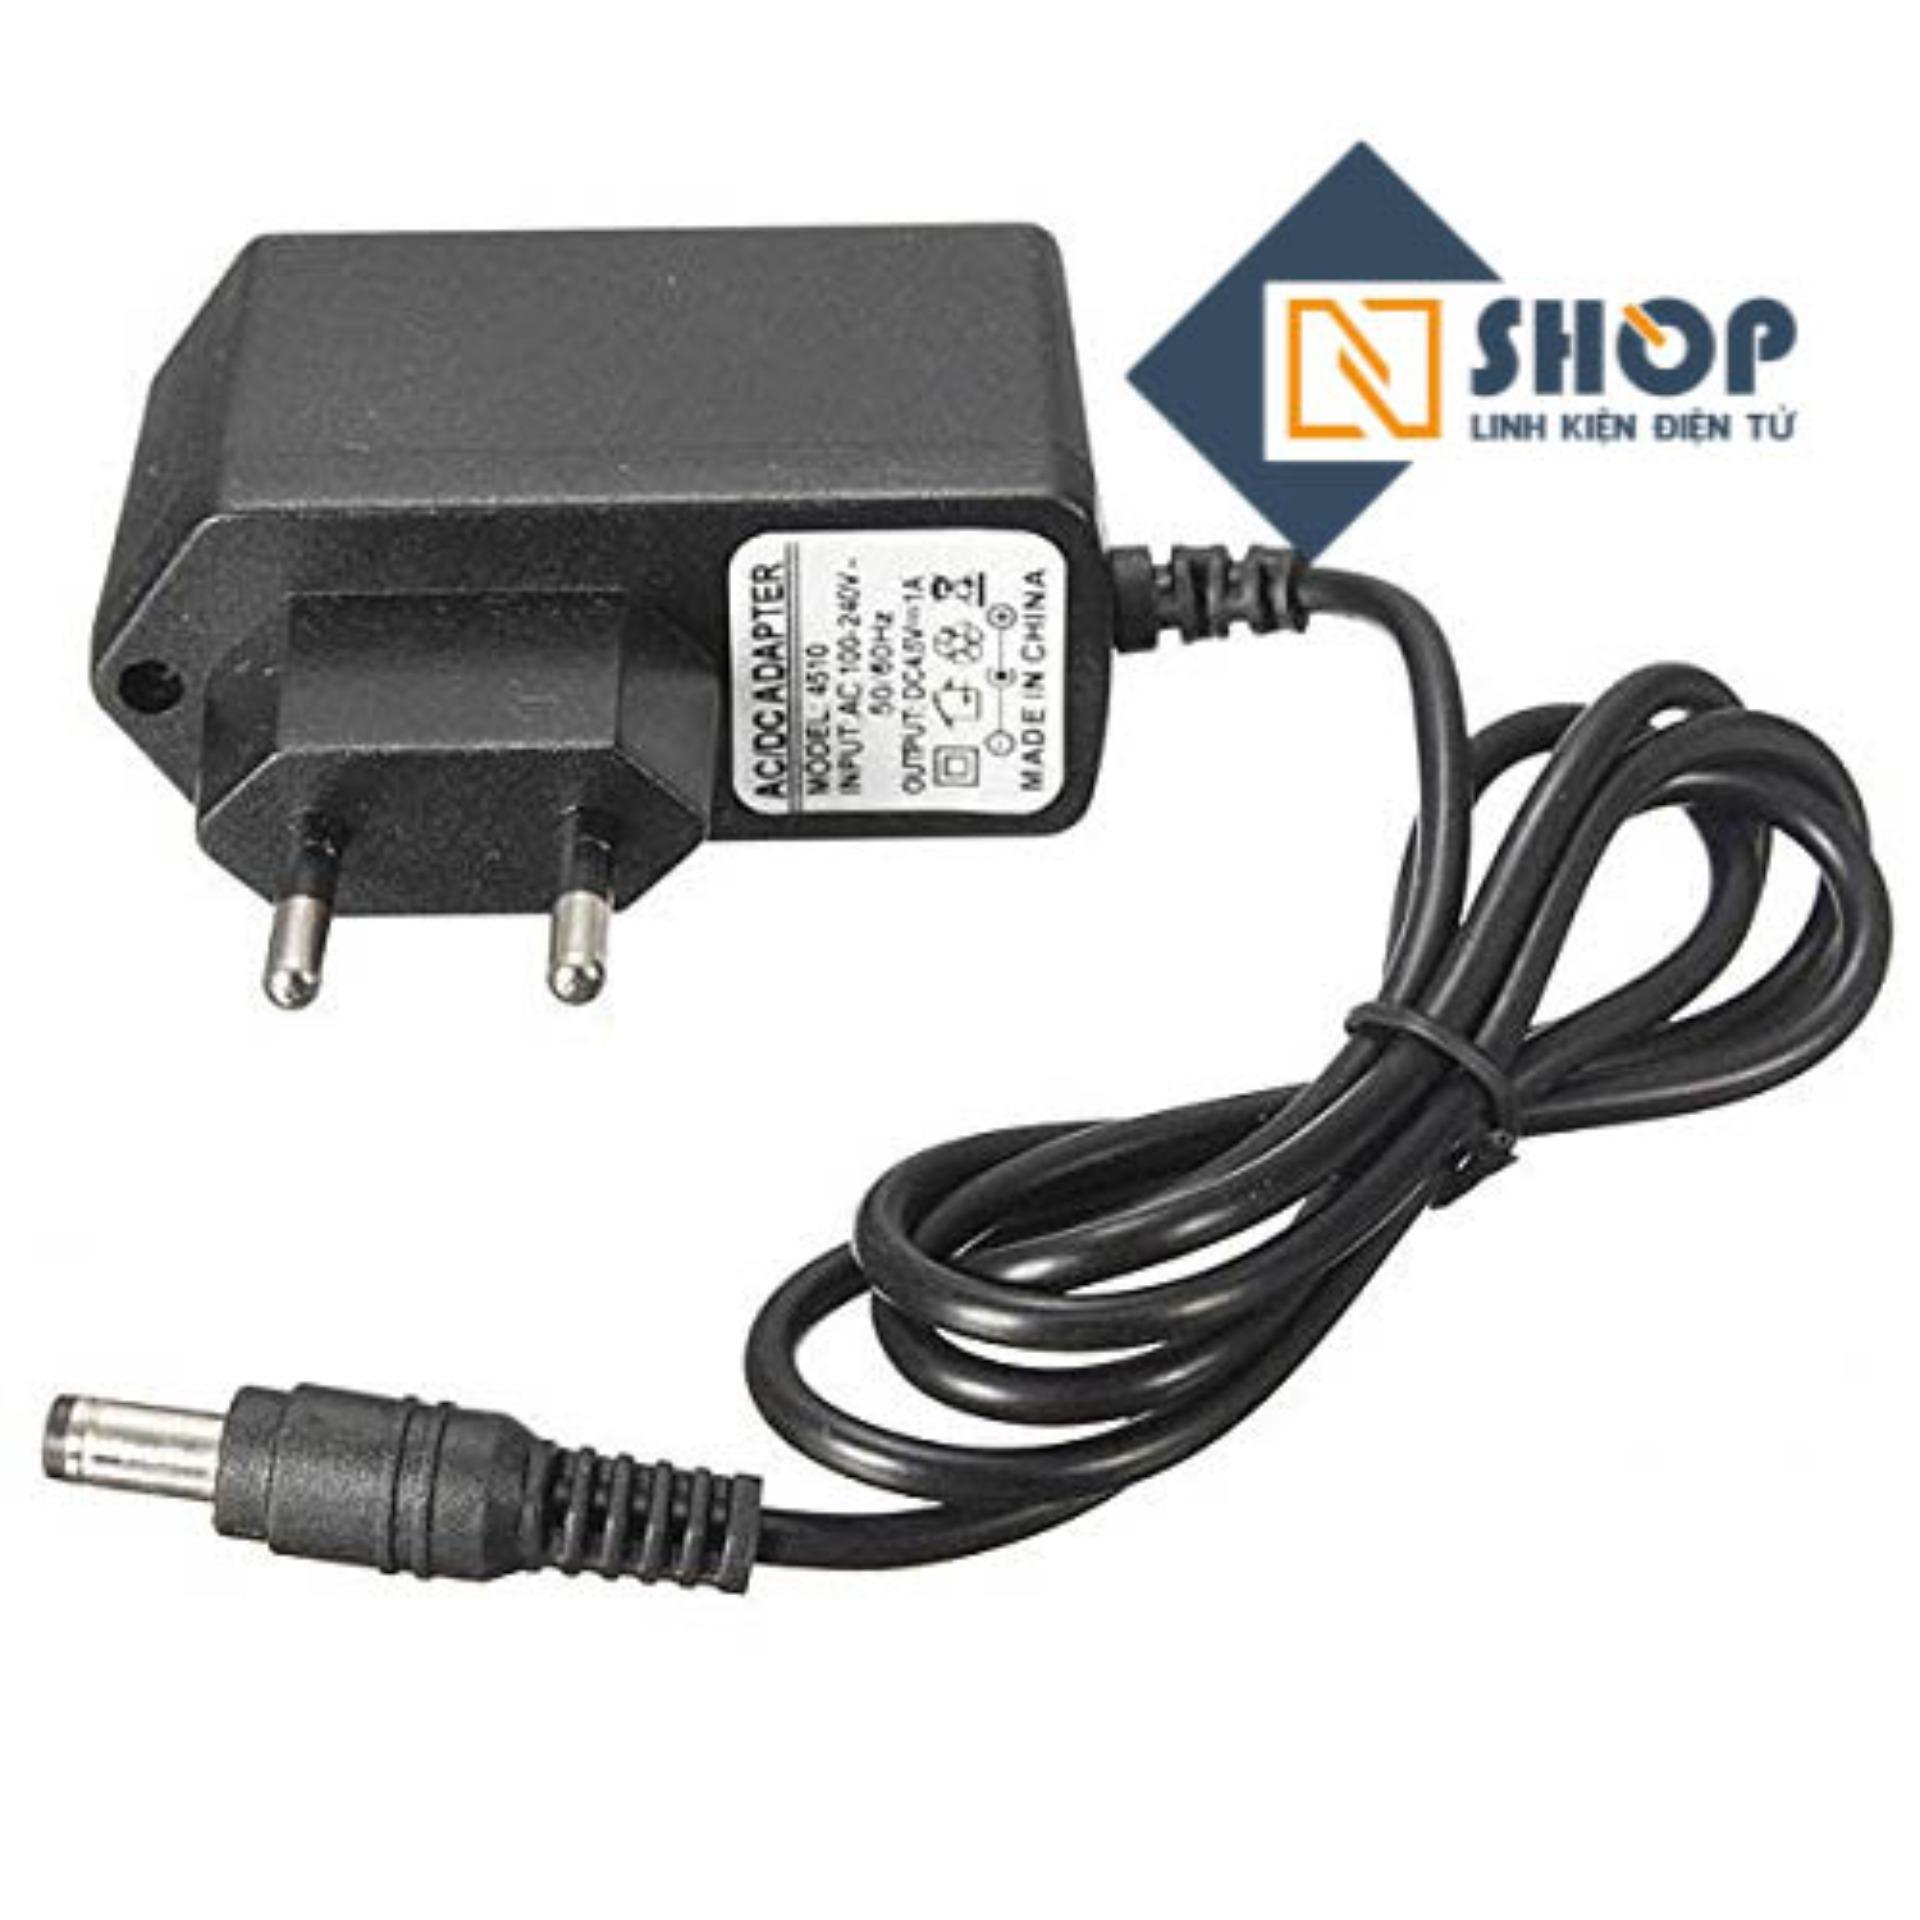 Giá Nguồn adapter 5V 1A